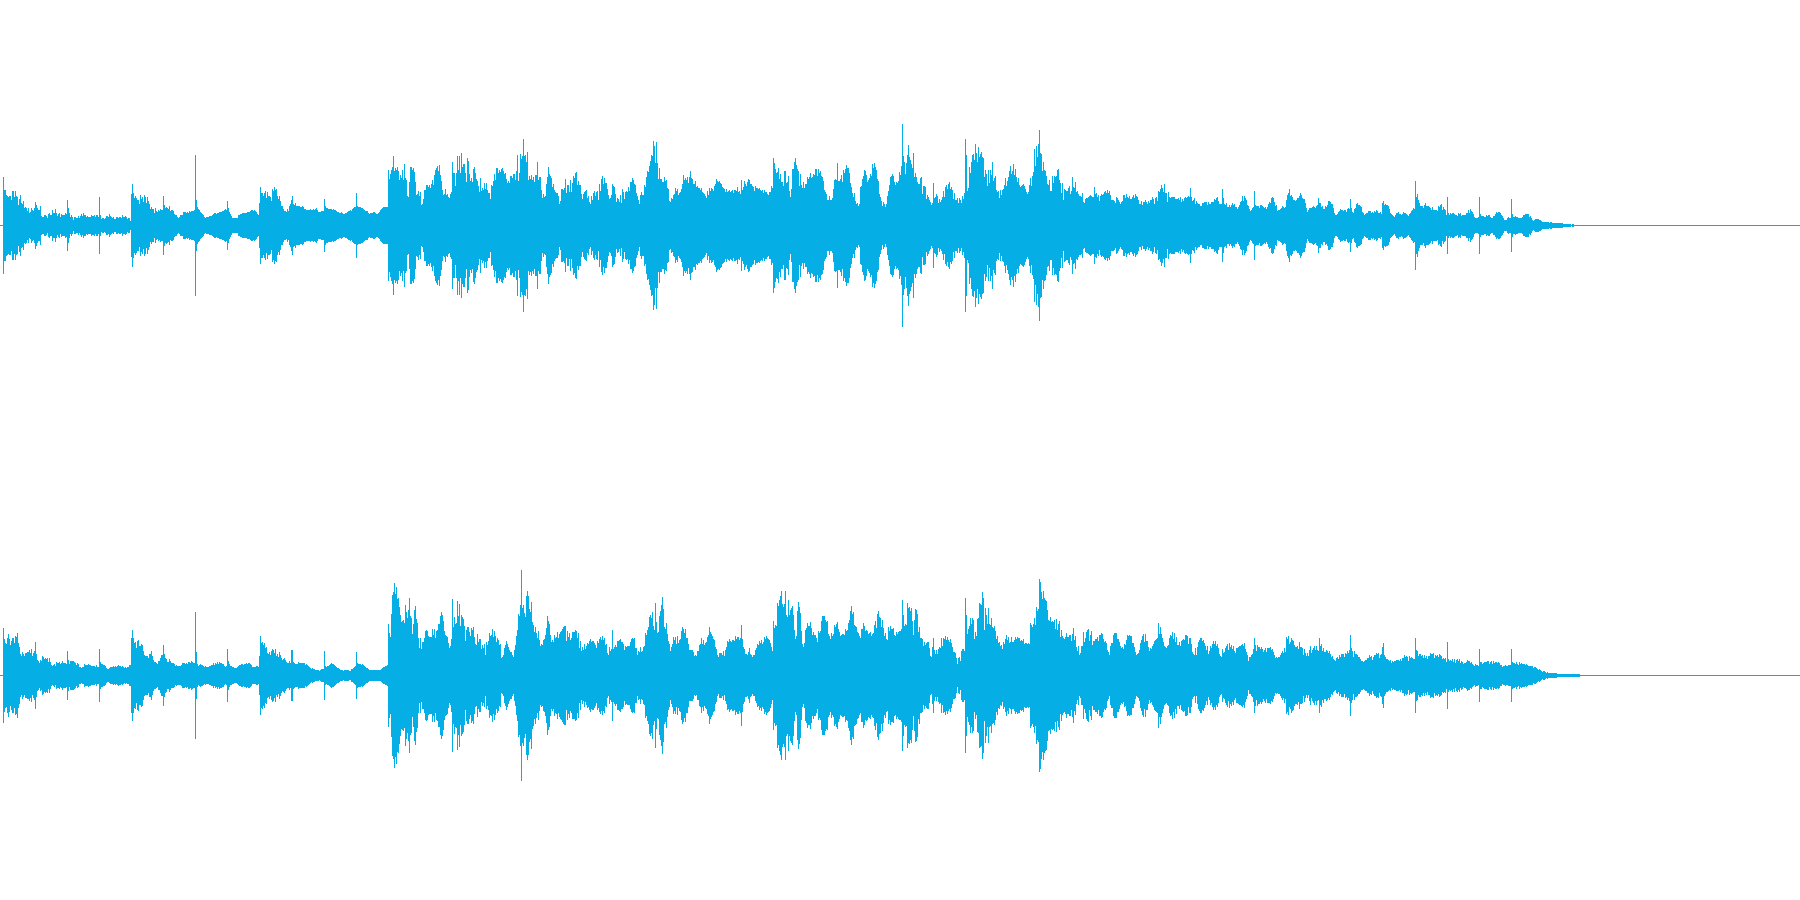 和楽器によるゲームオーバーBGMの再生済みの波形